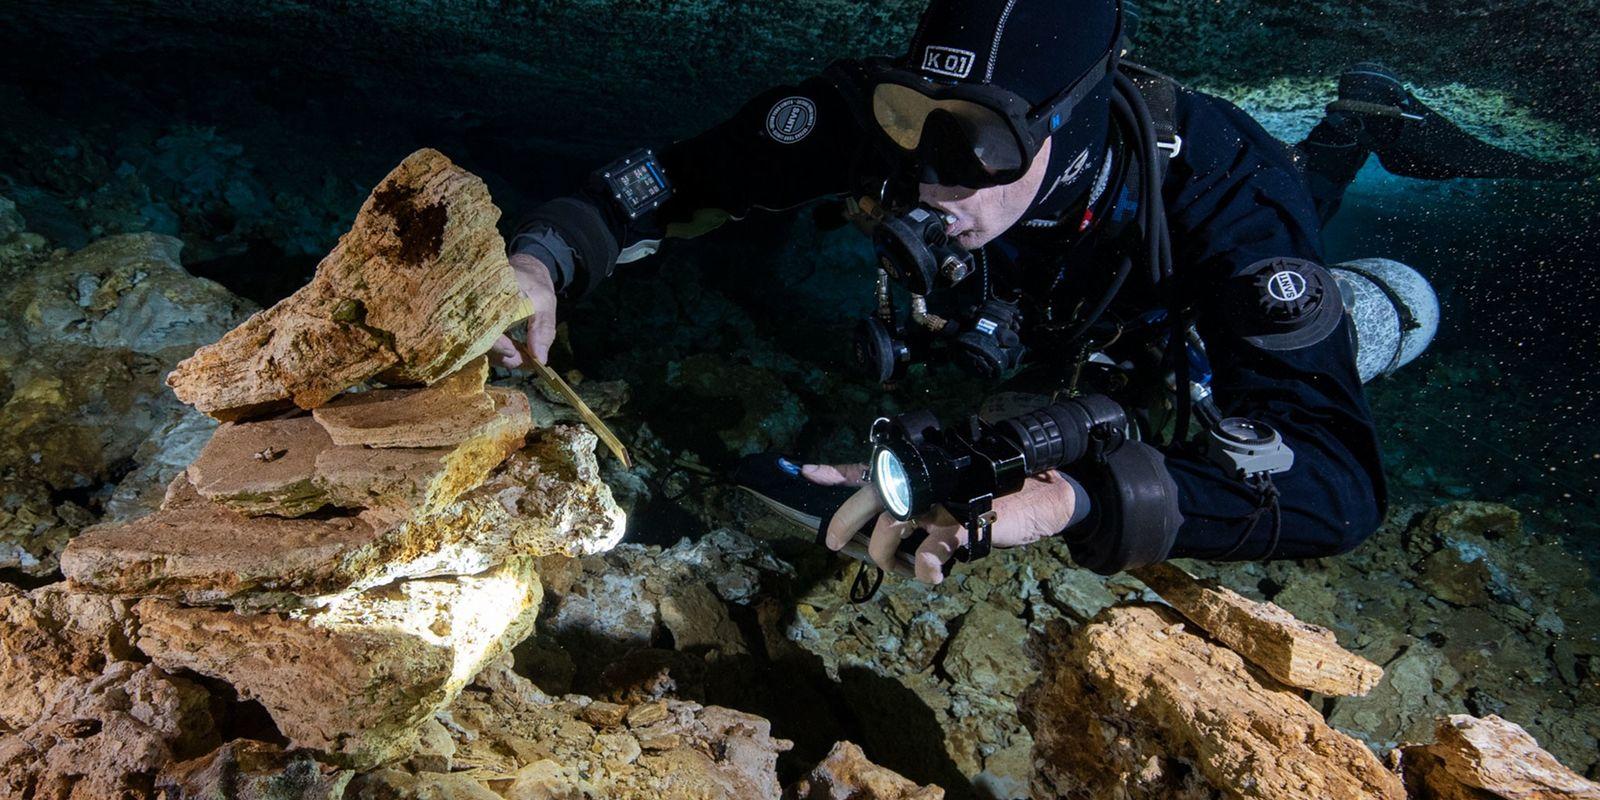 Descubren una mina de ocre de 11.000 años en una cueva subacuática de México